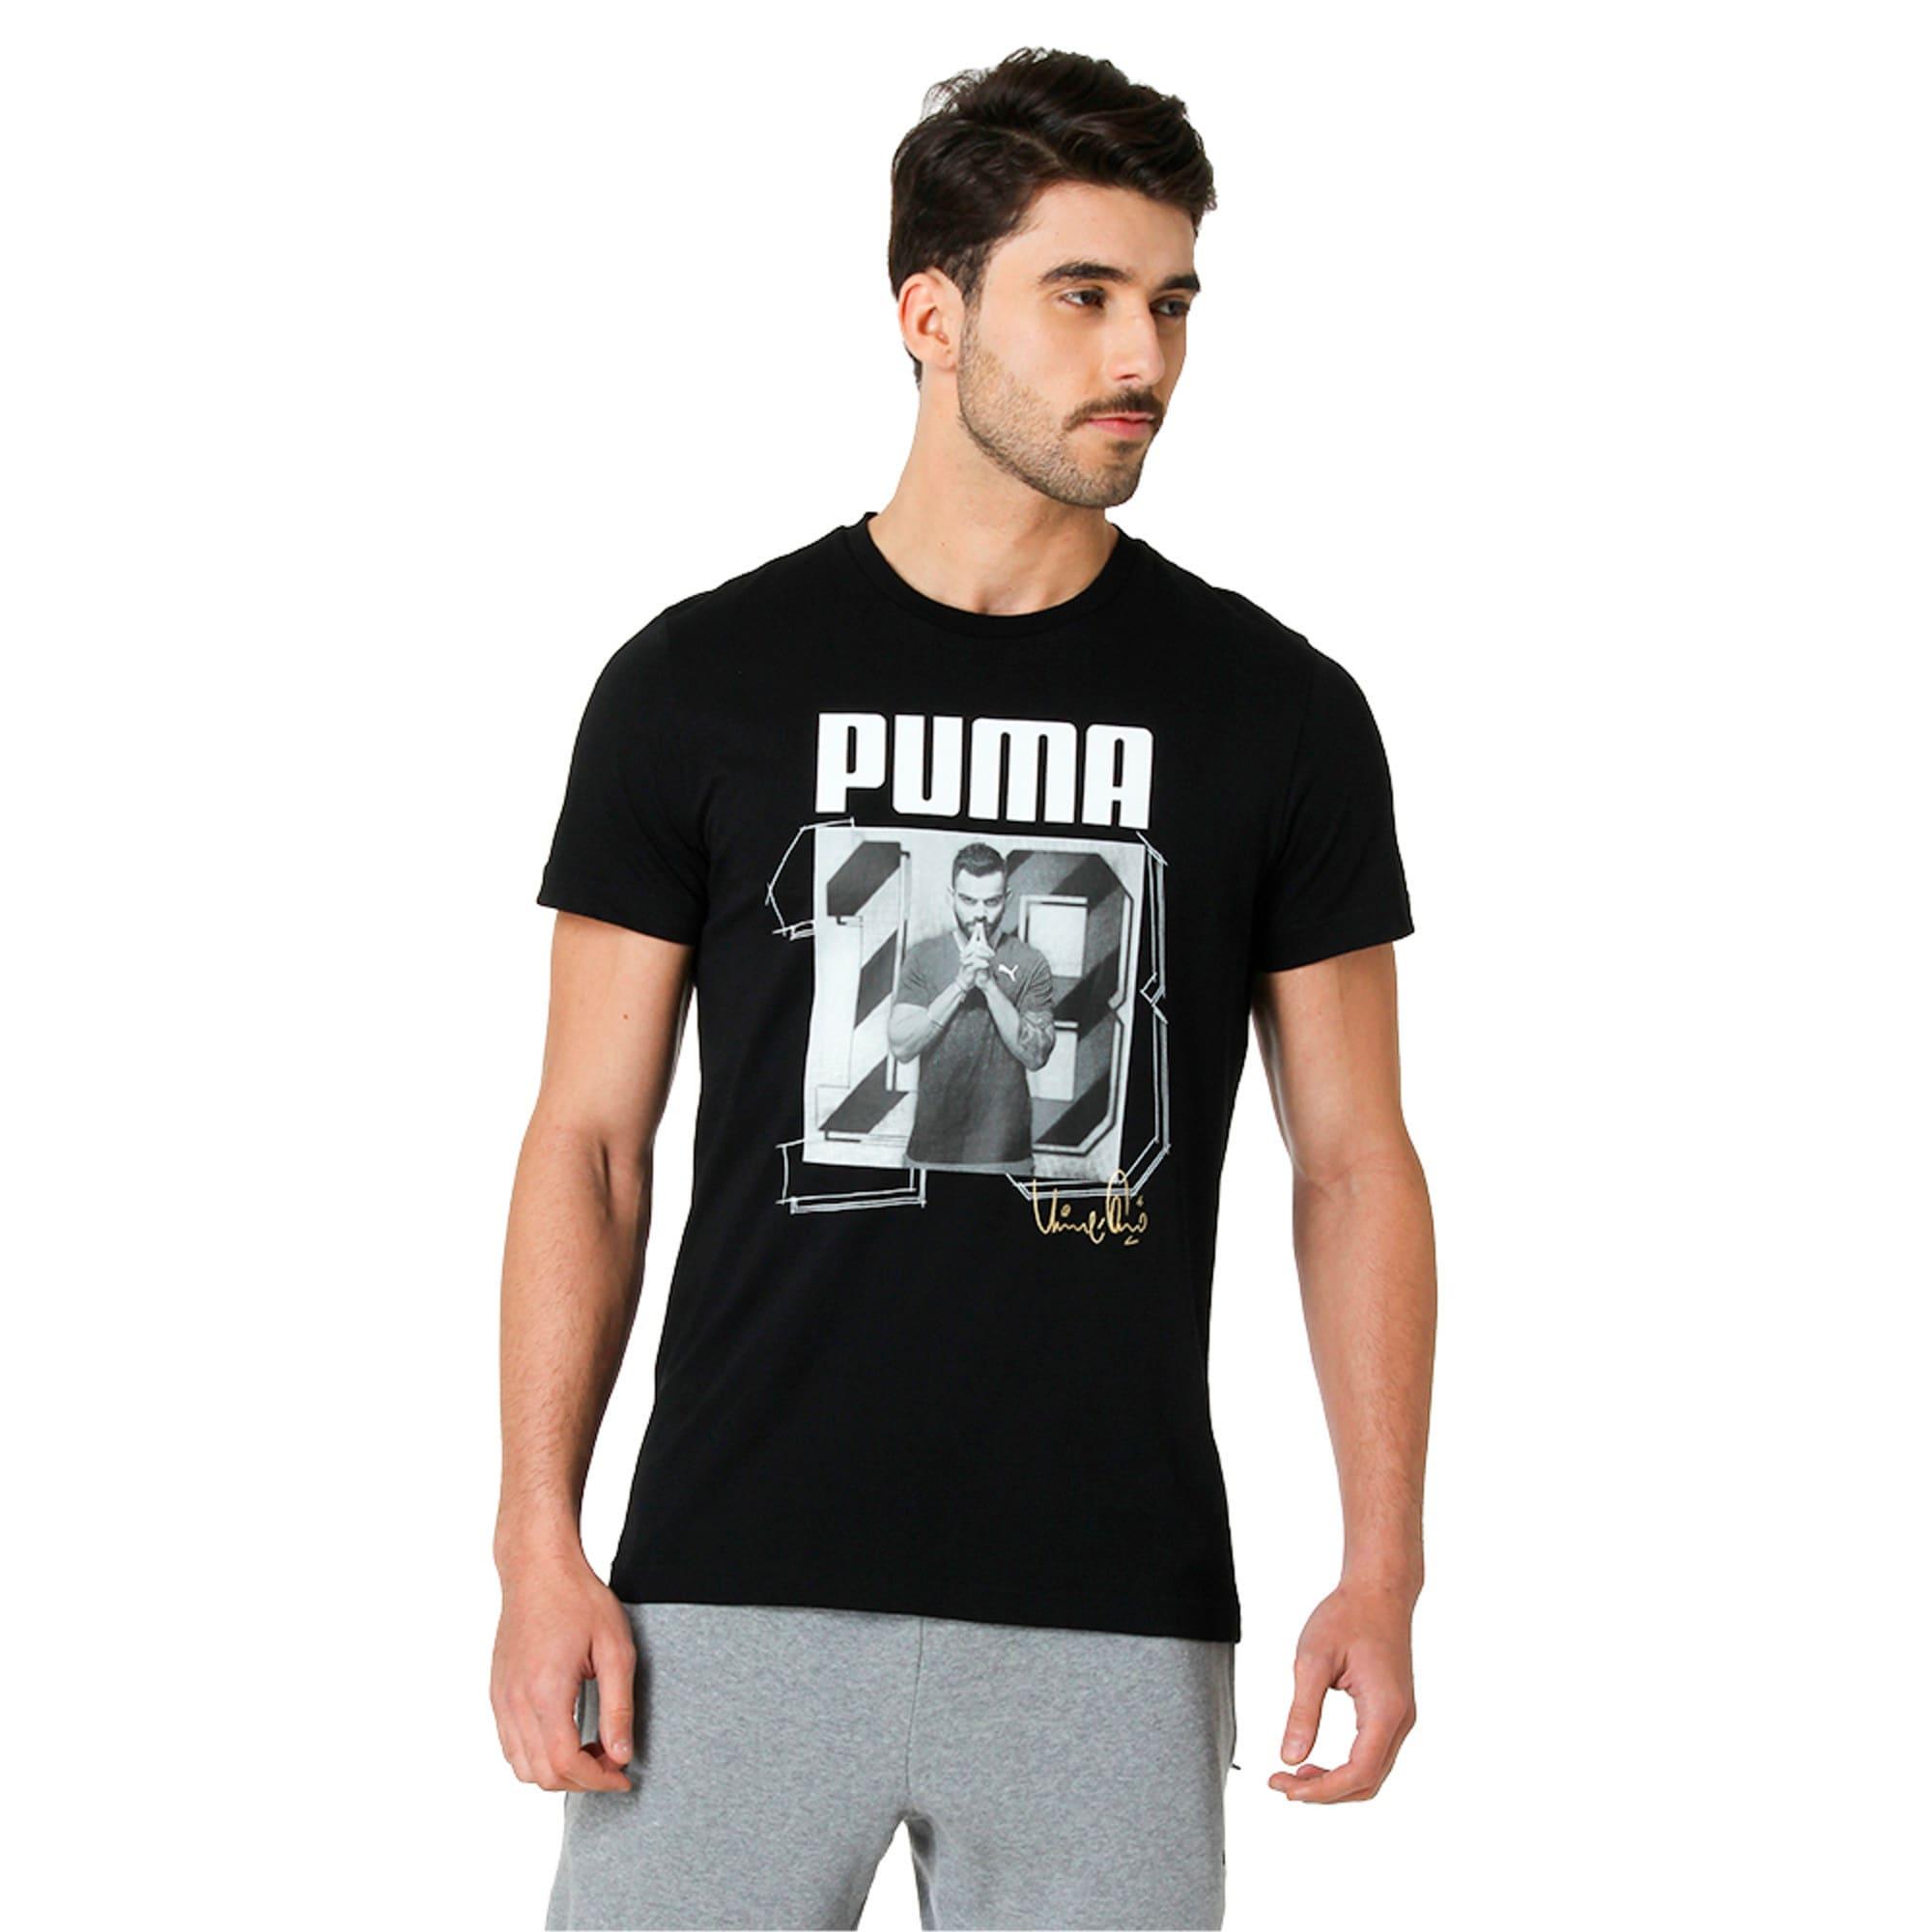 Thumbnail 2 of VK Tee, Puma Black, medium-IND